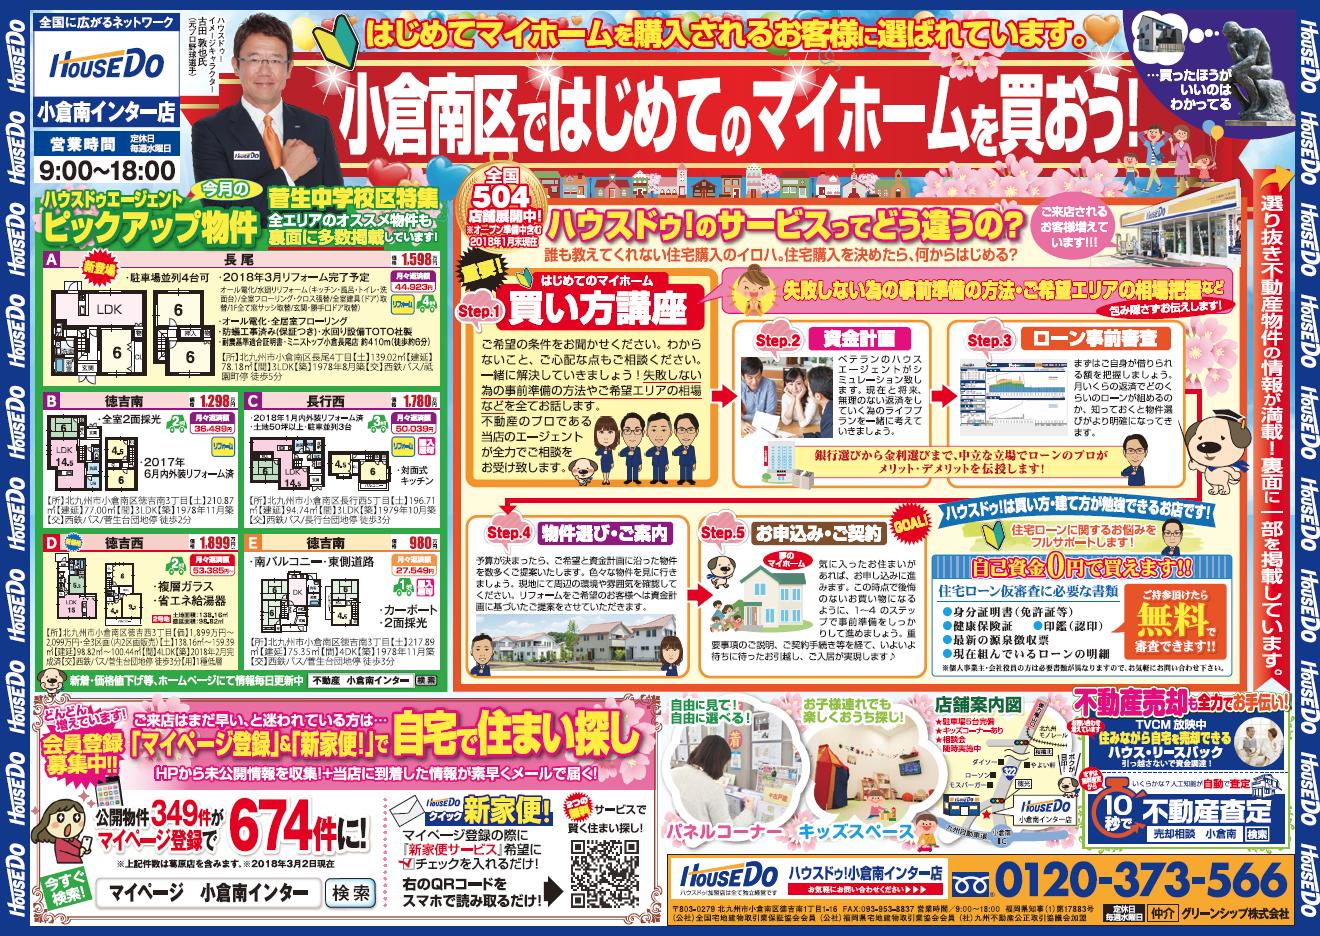 ◆2018年3月号◆ハウスドゥ!小倉南インター店不動産チラシ